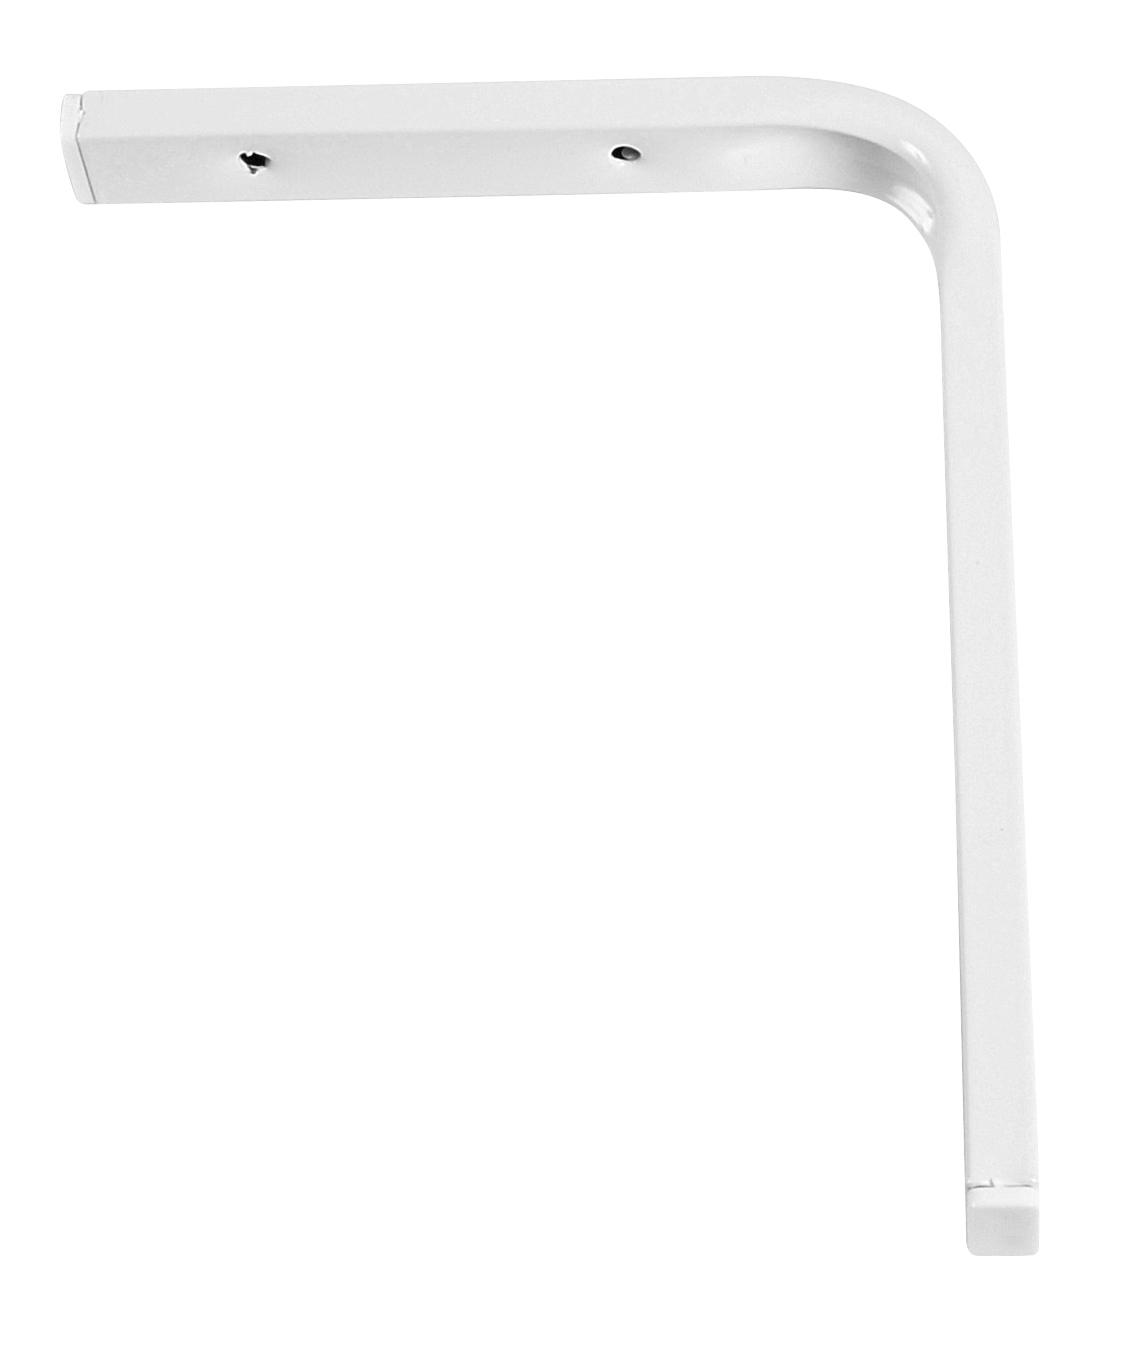 Hyldeknægt F-profil 150x200 mm. - hvid